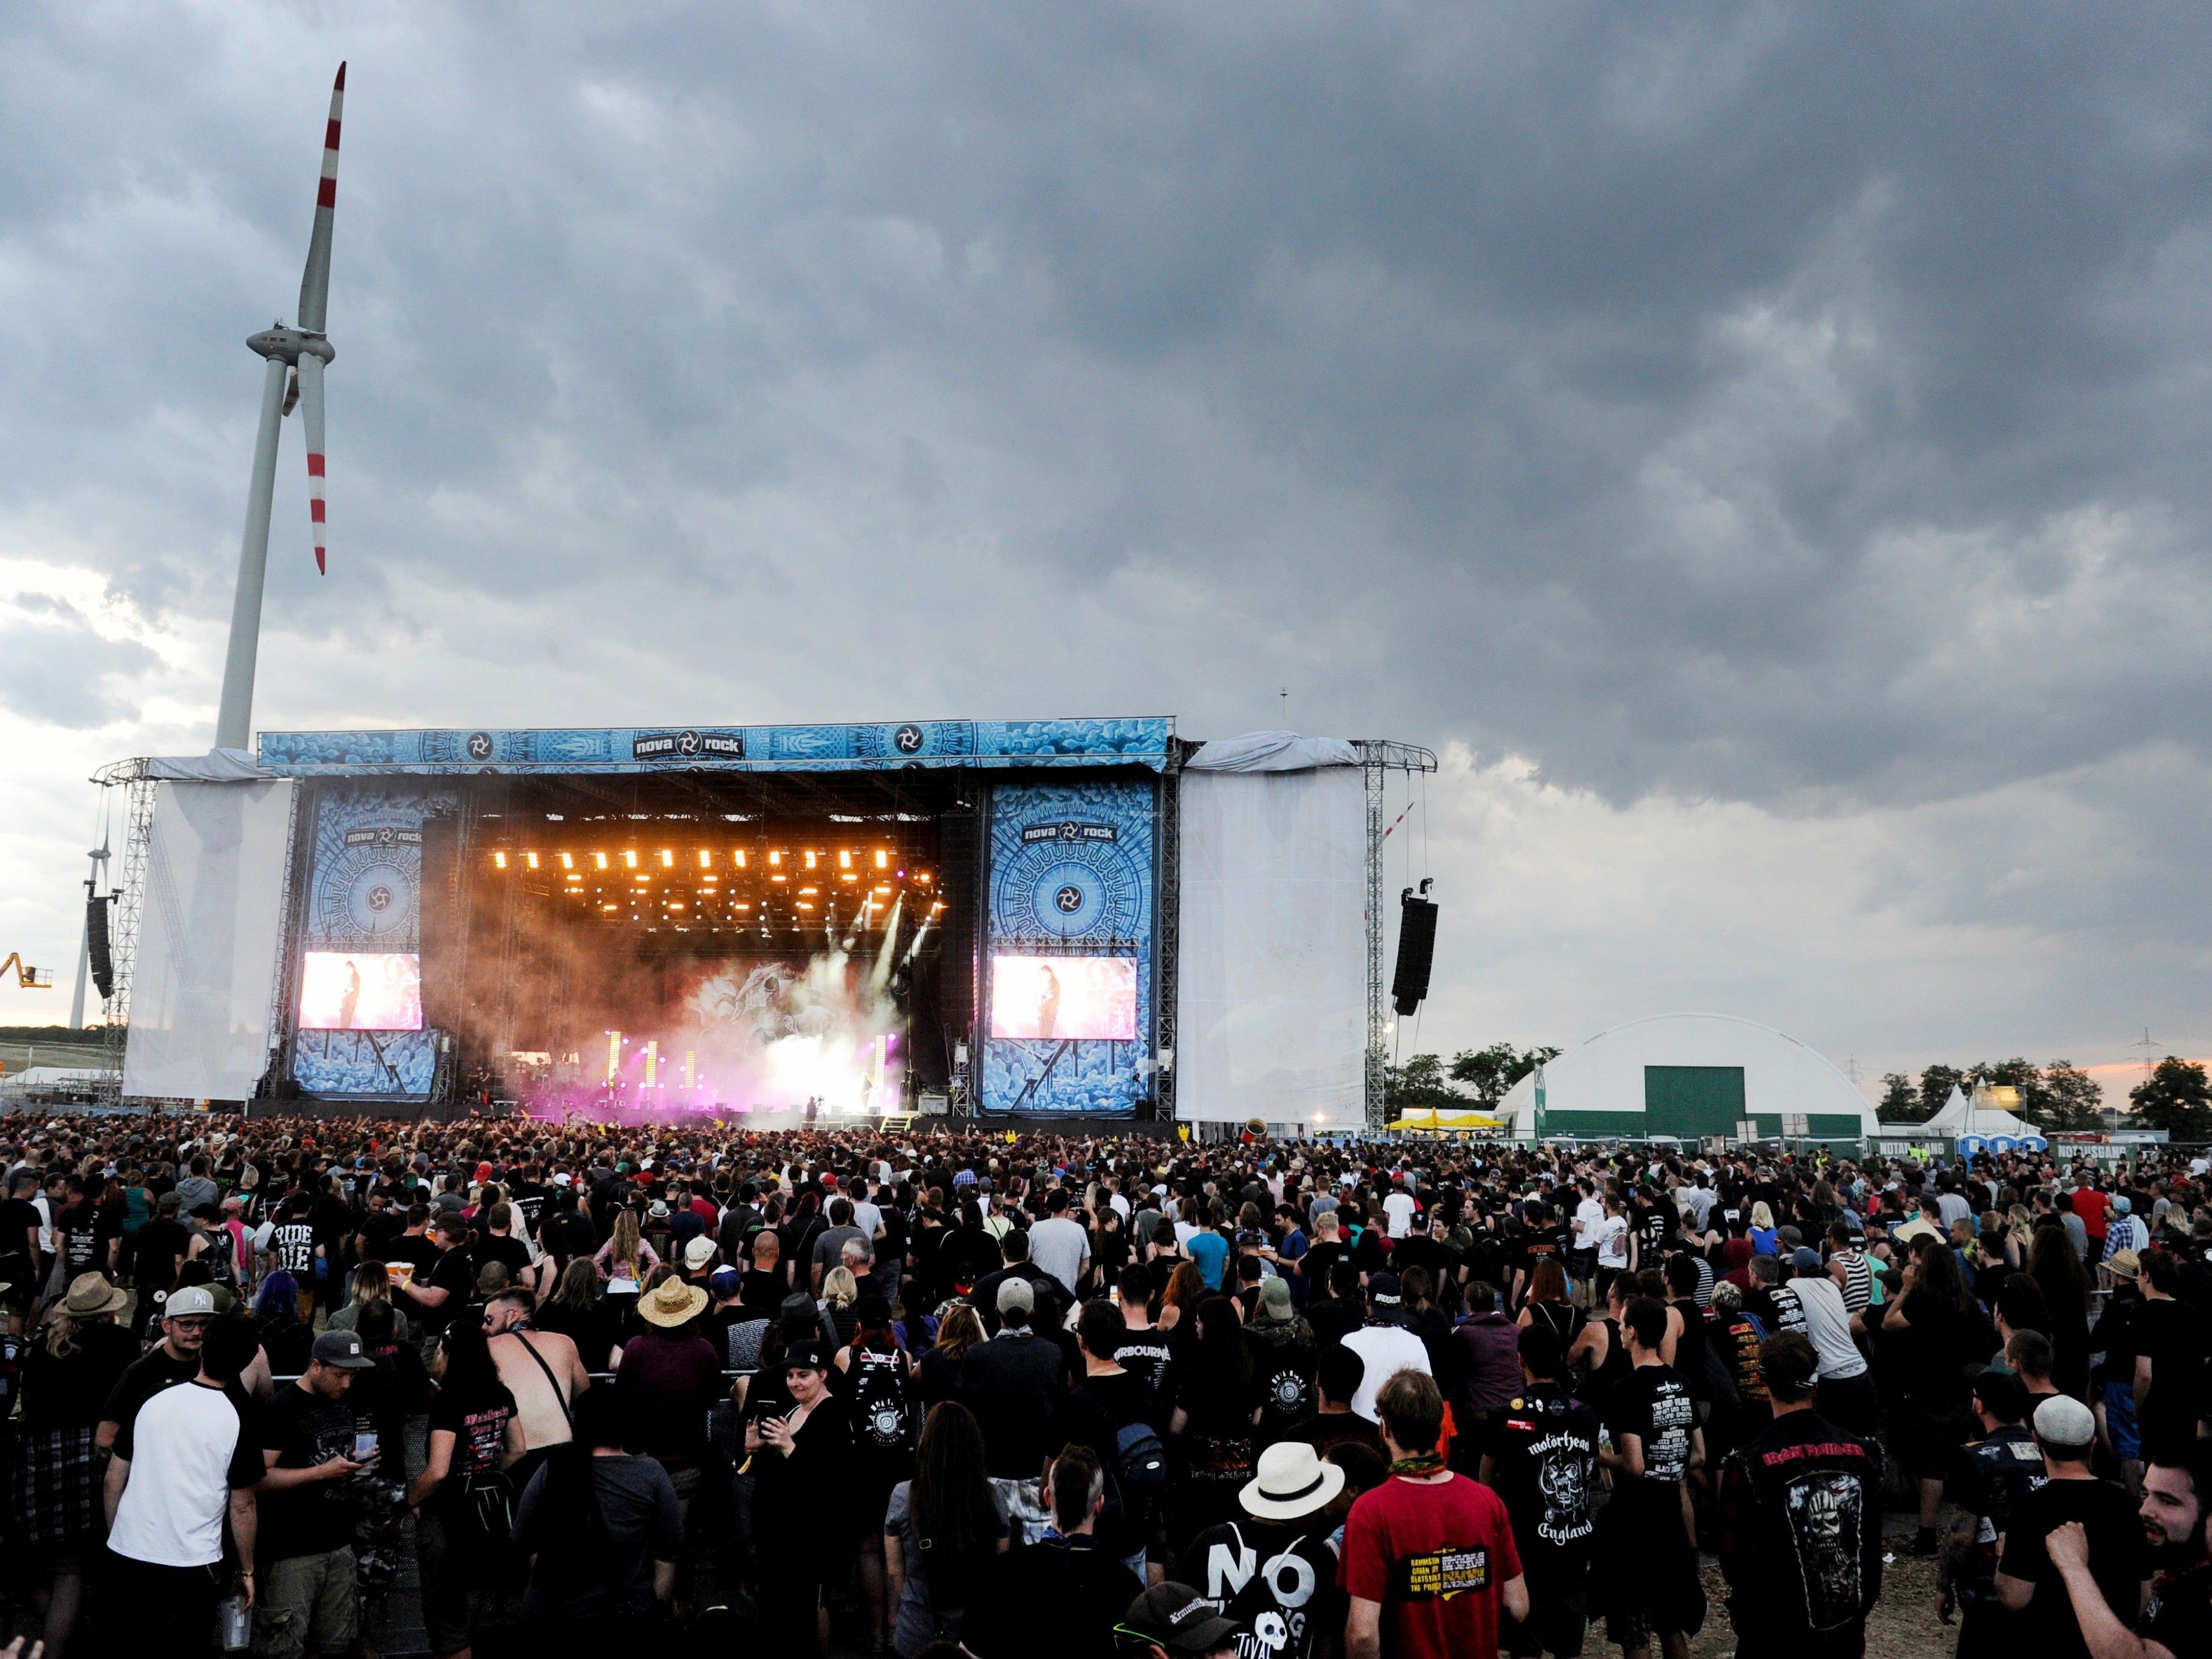 System of a Down und Prophets of Rage als Highlights beim Nova Rock 2017.